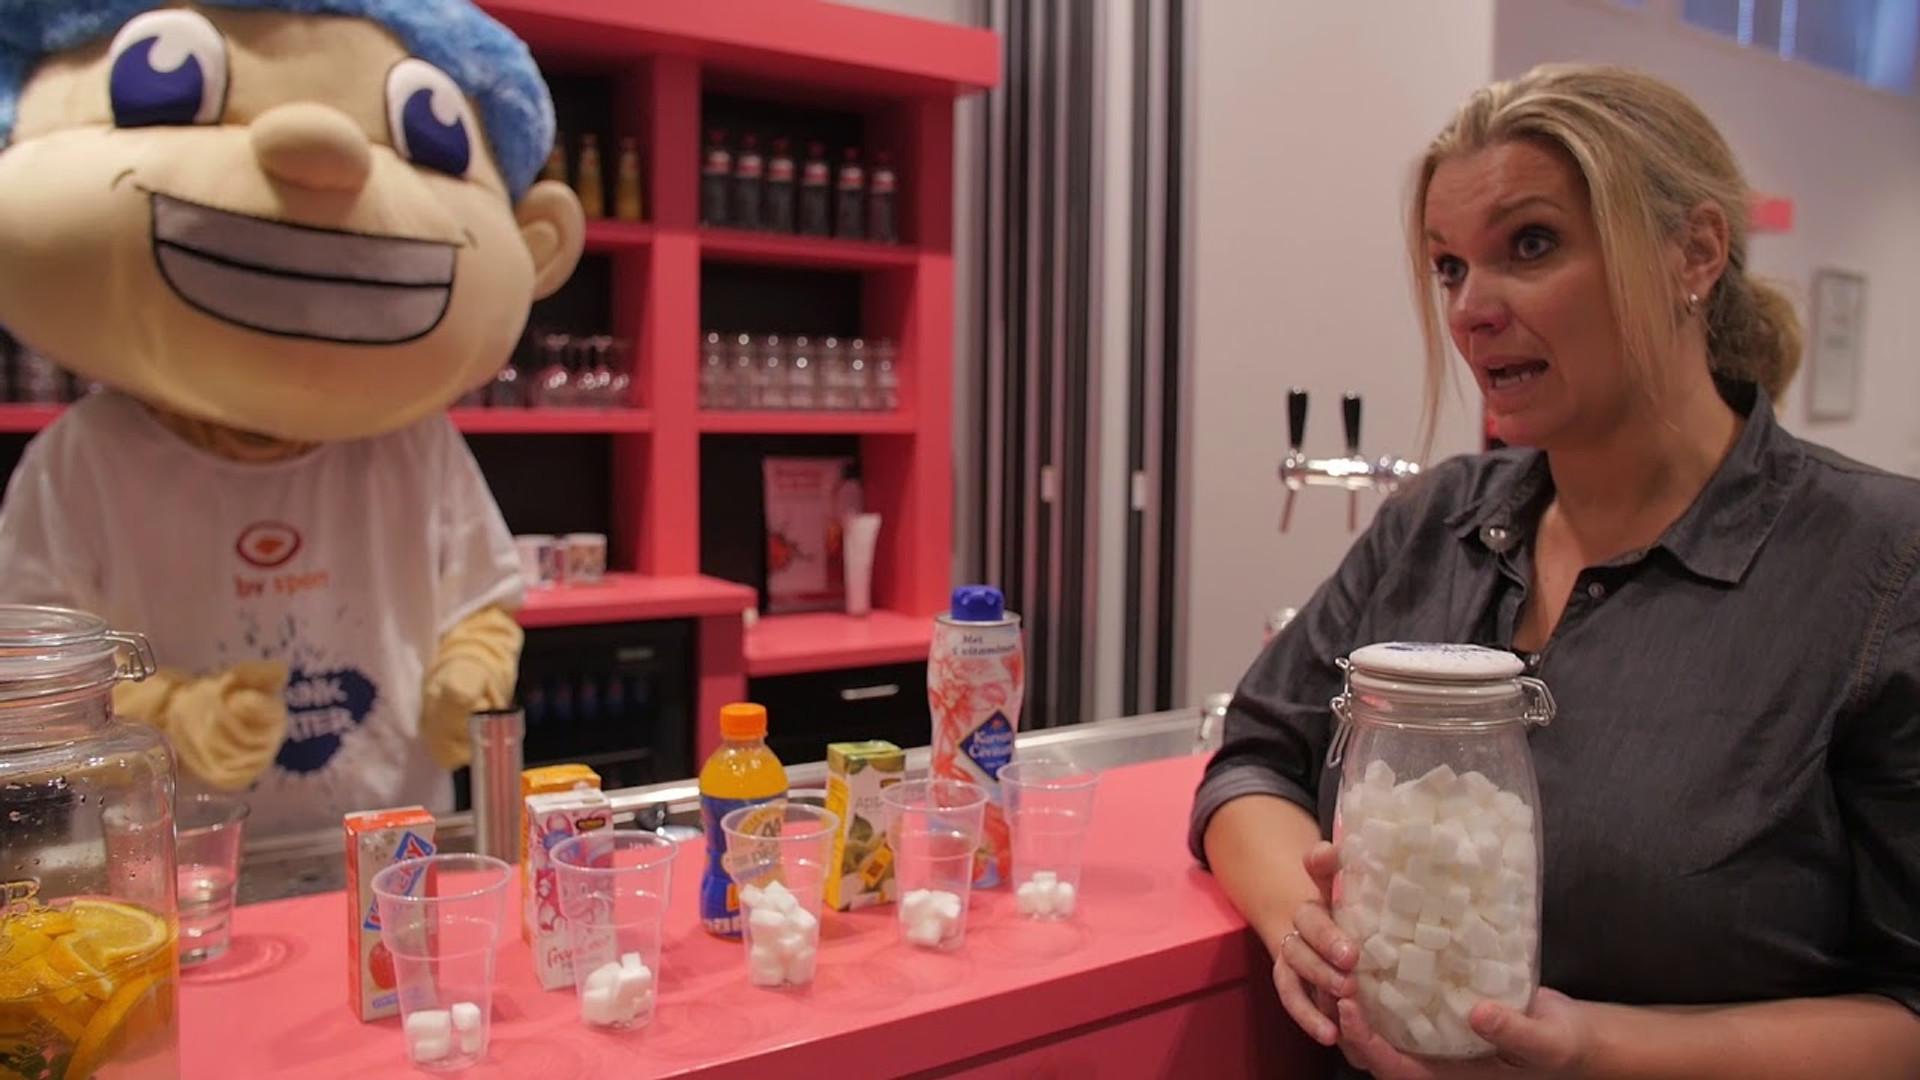 Weevie's Wateravontuur (2017) Educatief kinderprogramma Film: Hisse Wagt  Script: Hisse Wagt / Coby Notenbomer Presentatie/interview/acteren: Coby Notenbomer In opdracht van: BV Sport